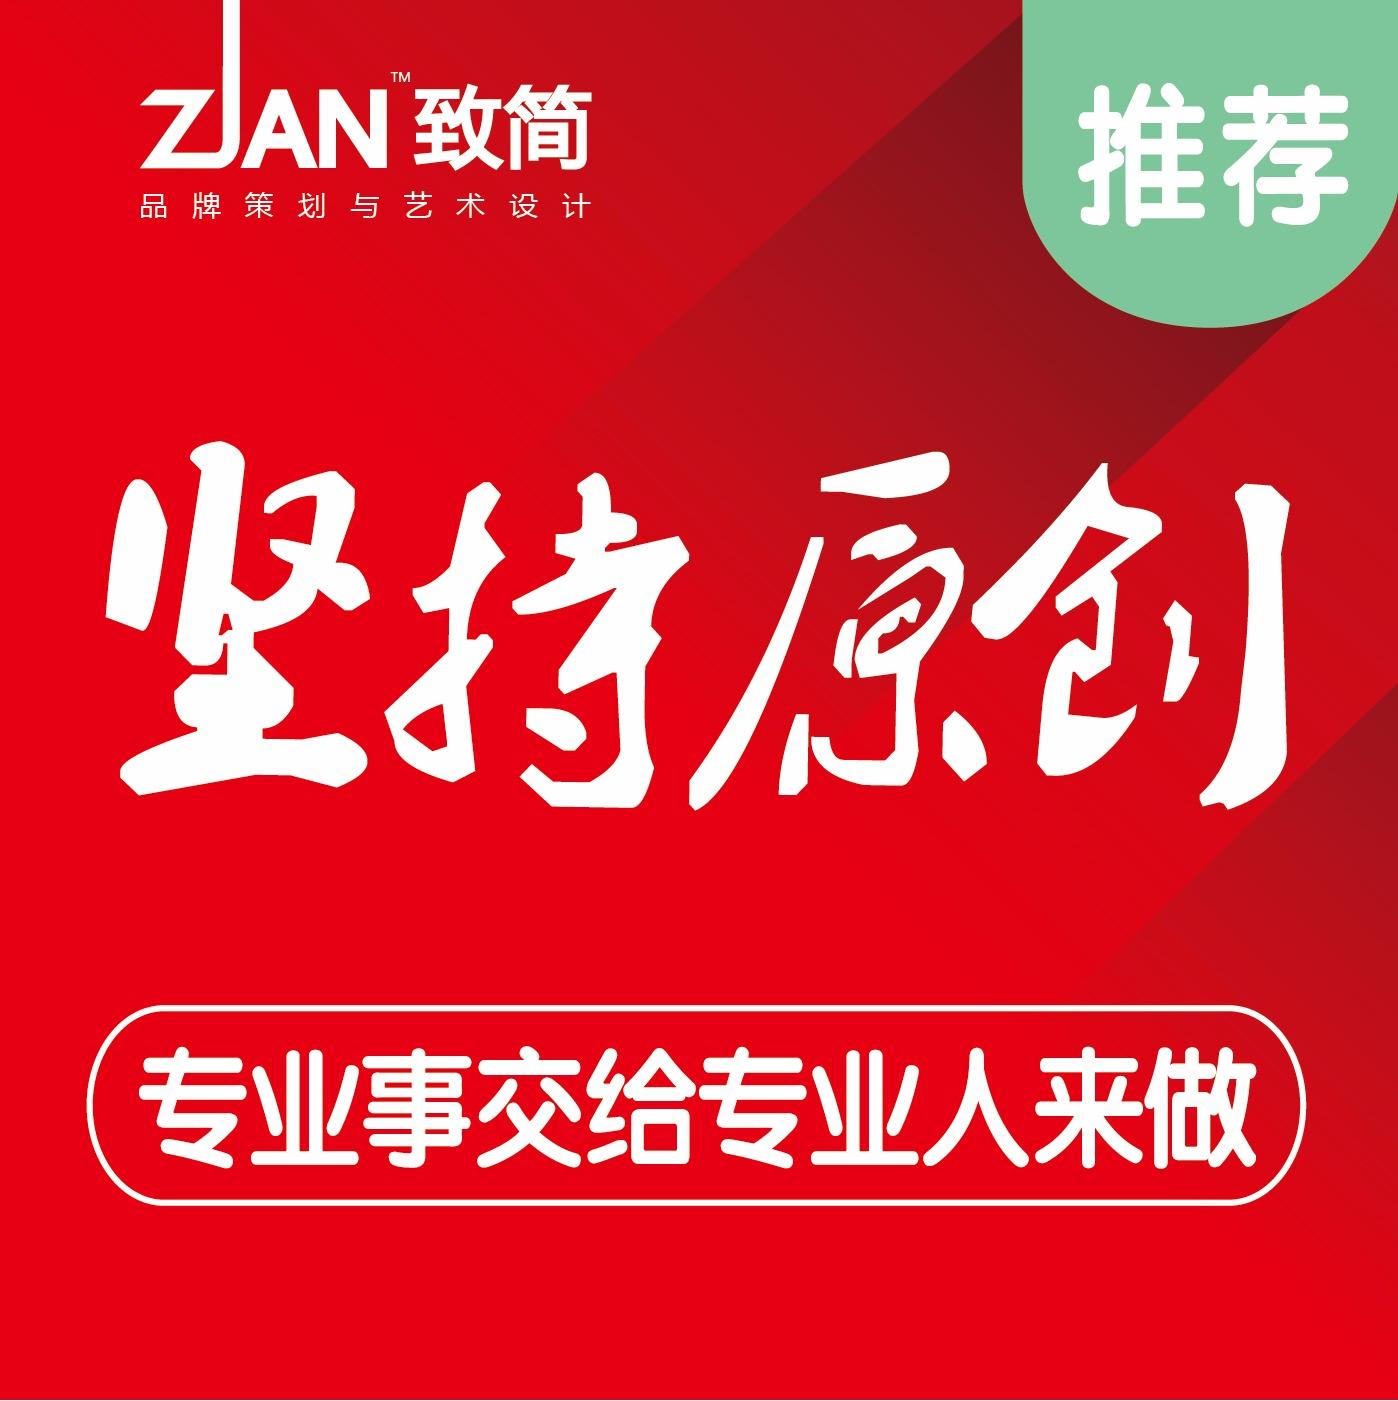 【致简logo设计】坚果零食面包蛋糕西点产品企业店面l标志